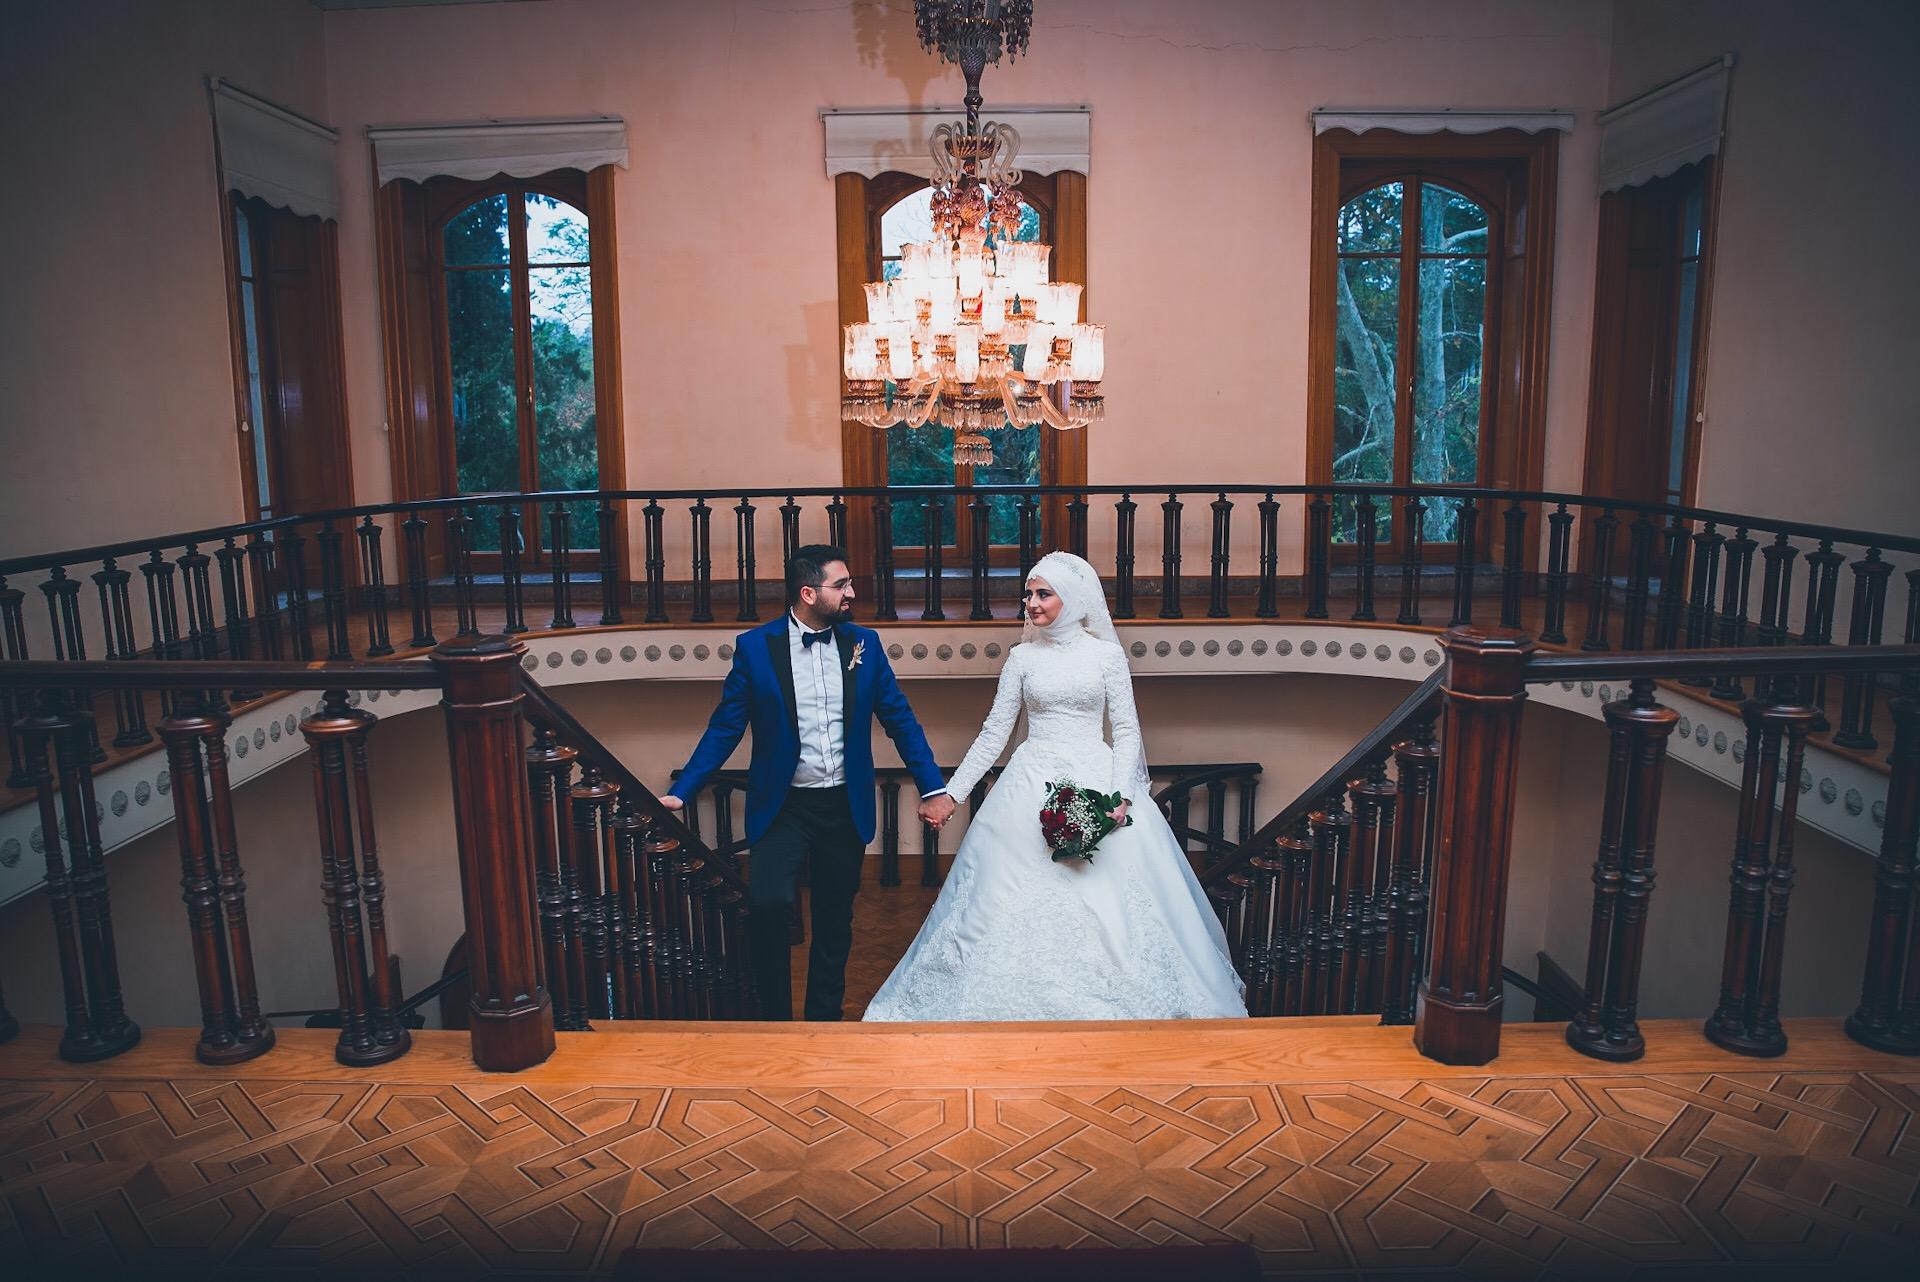 Adile sultan kasrı Öğretmen evi Düğün, nişan fotograf çekimi